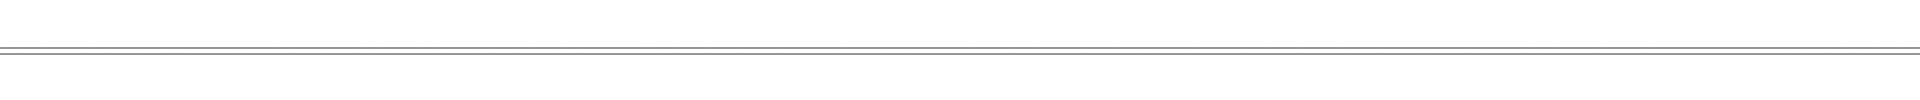 Lines_Double2.jpg